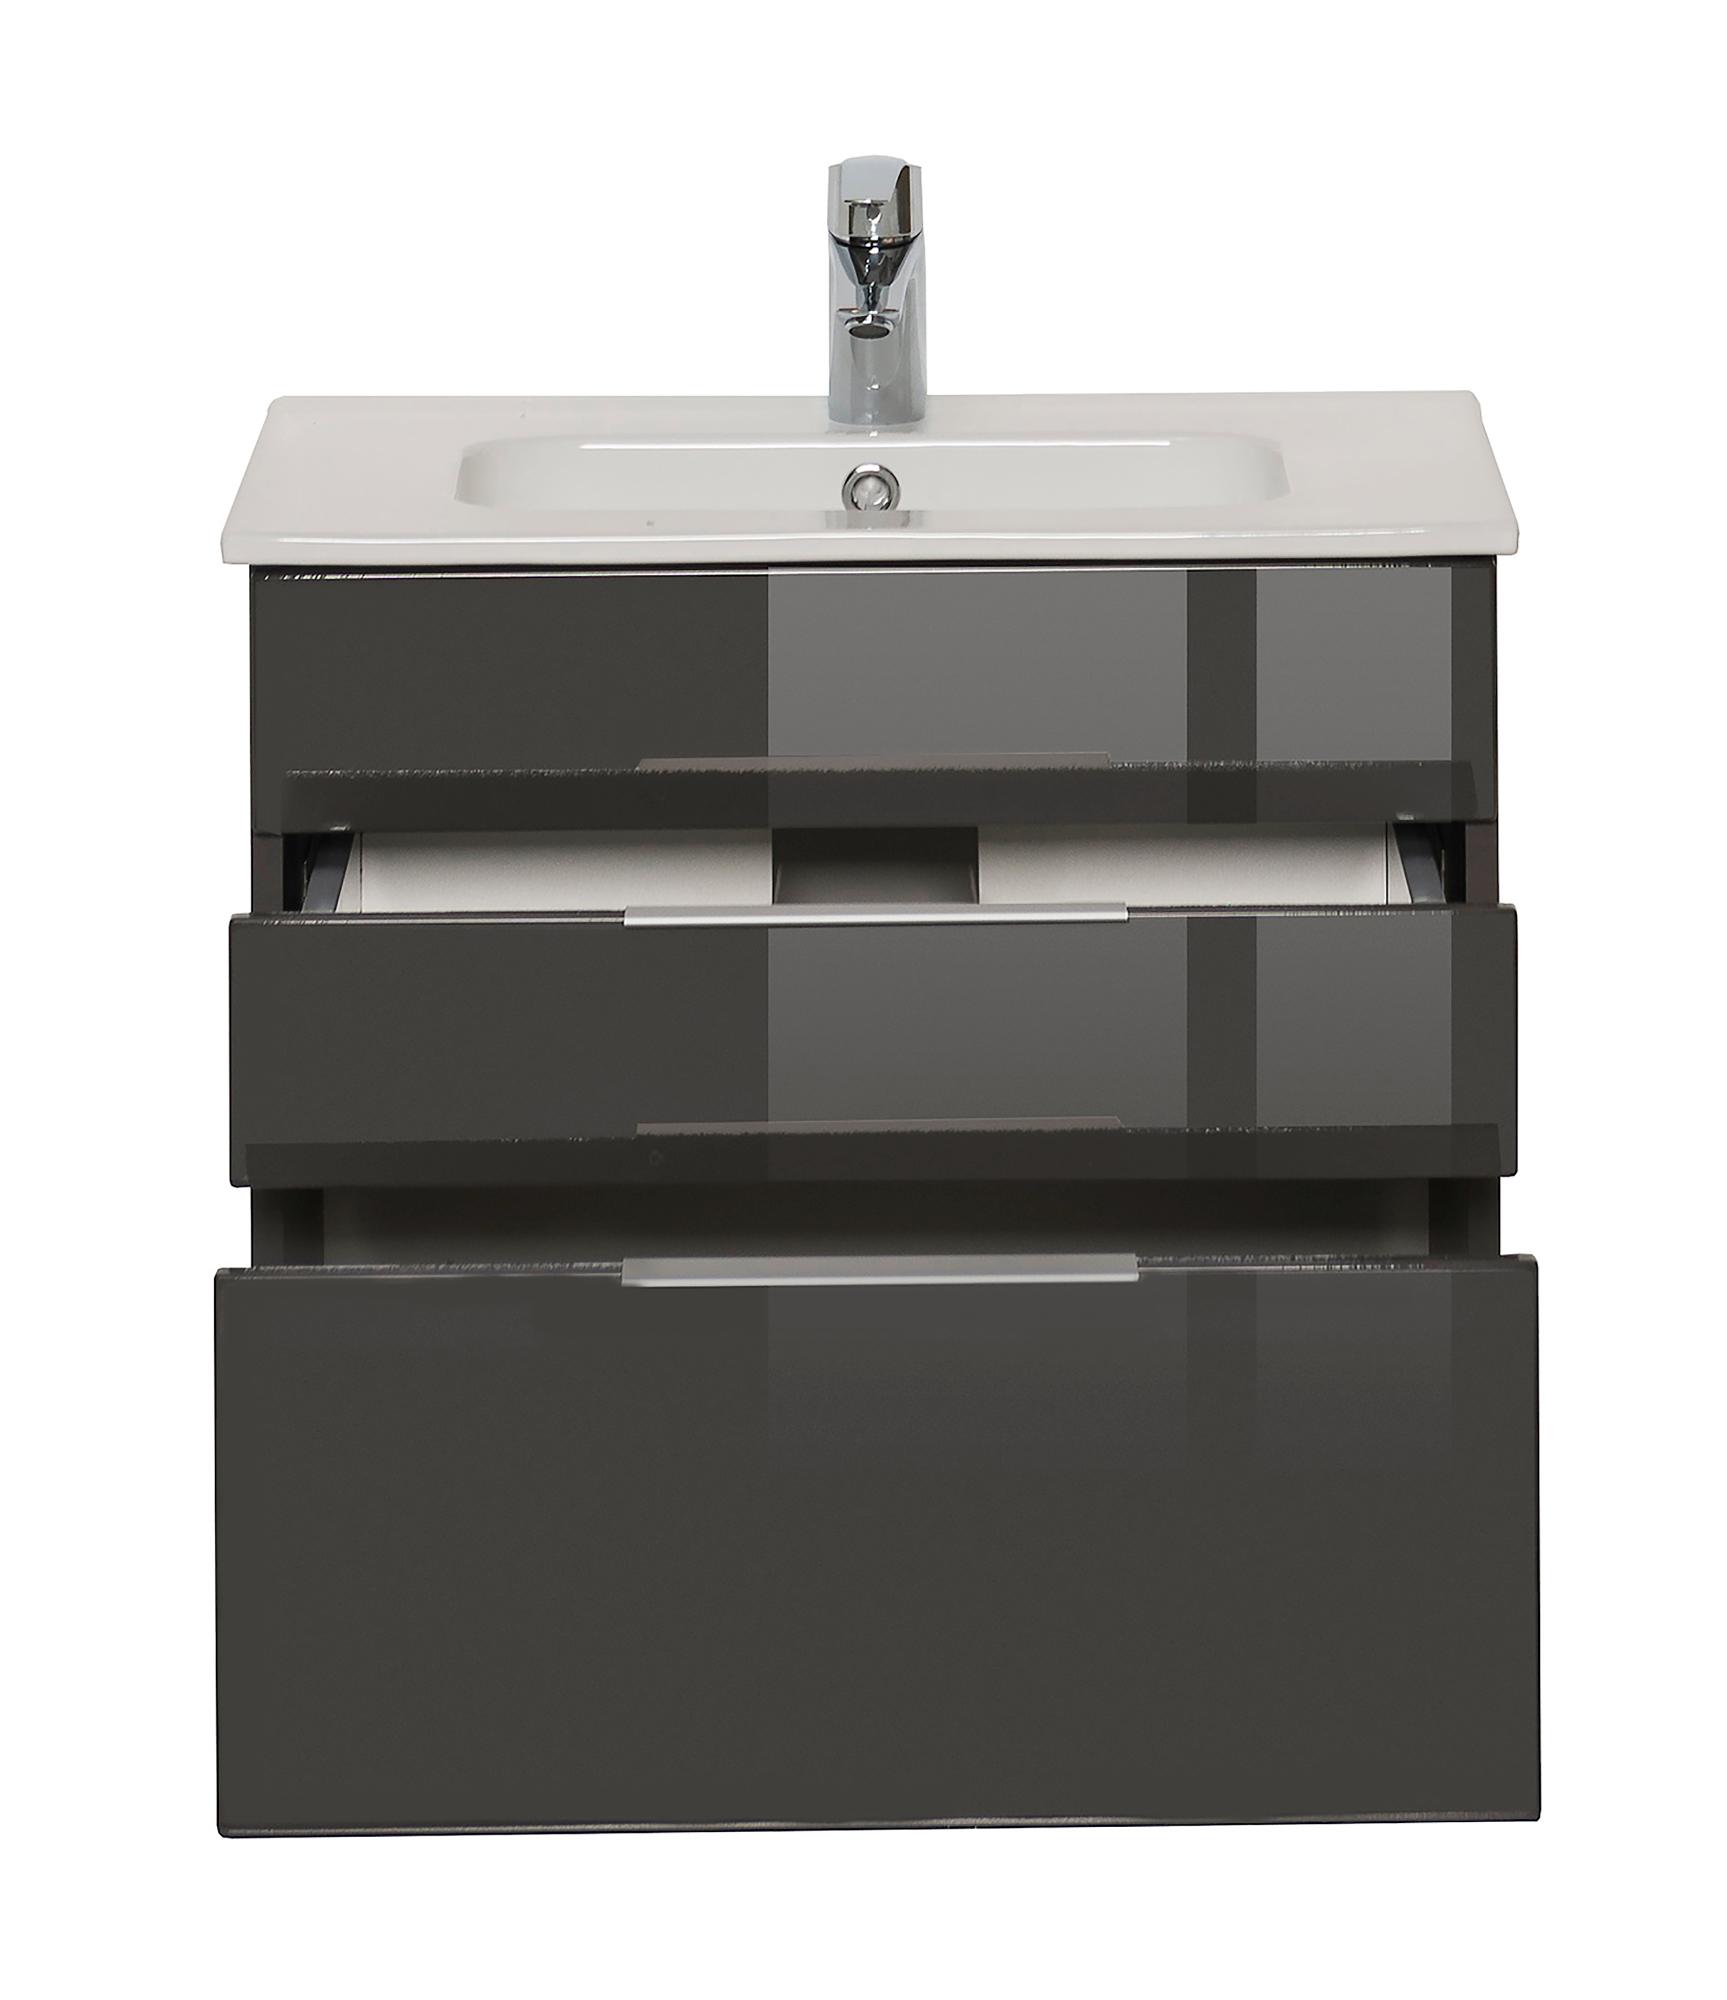 bad waschtisch ravello mit keramikbecken 60 cm breit grau bad waschtische. Black Bedroom Furniture Sets. Home Design Ideas